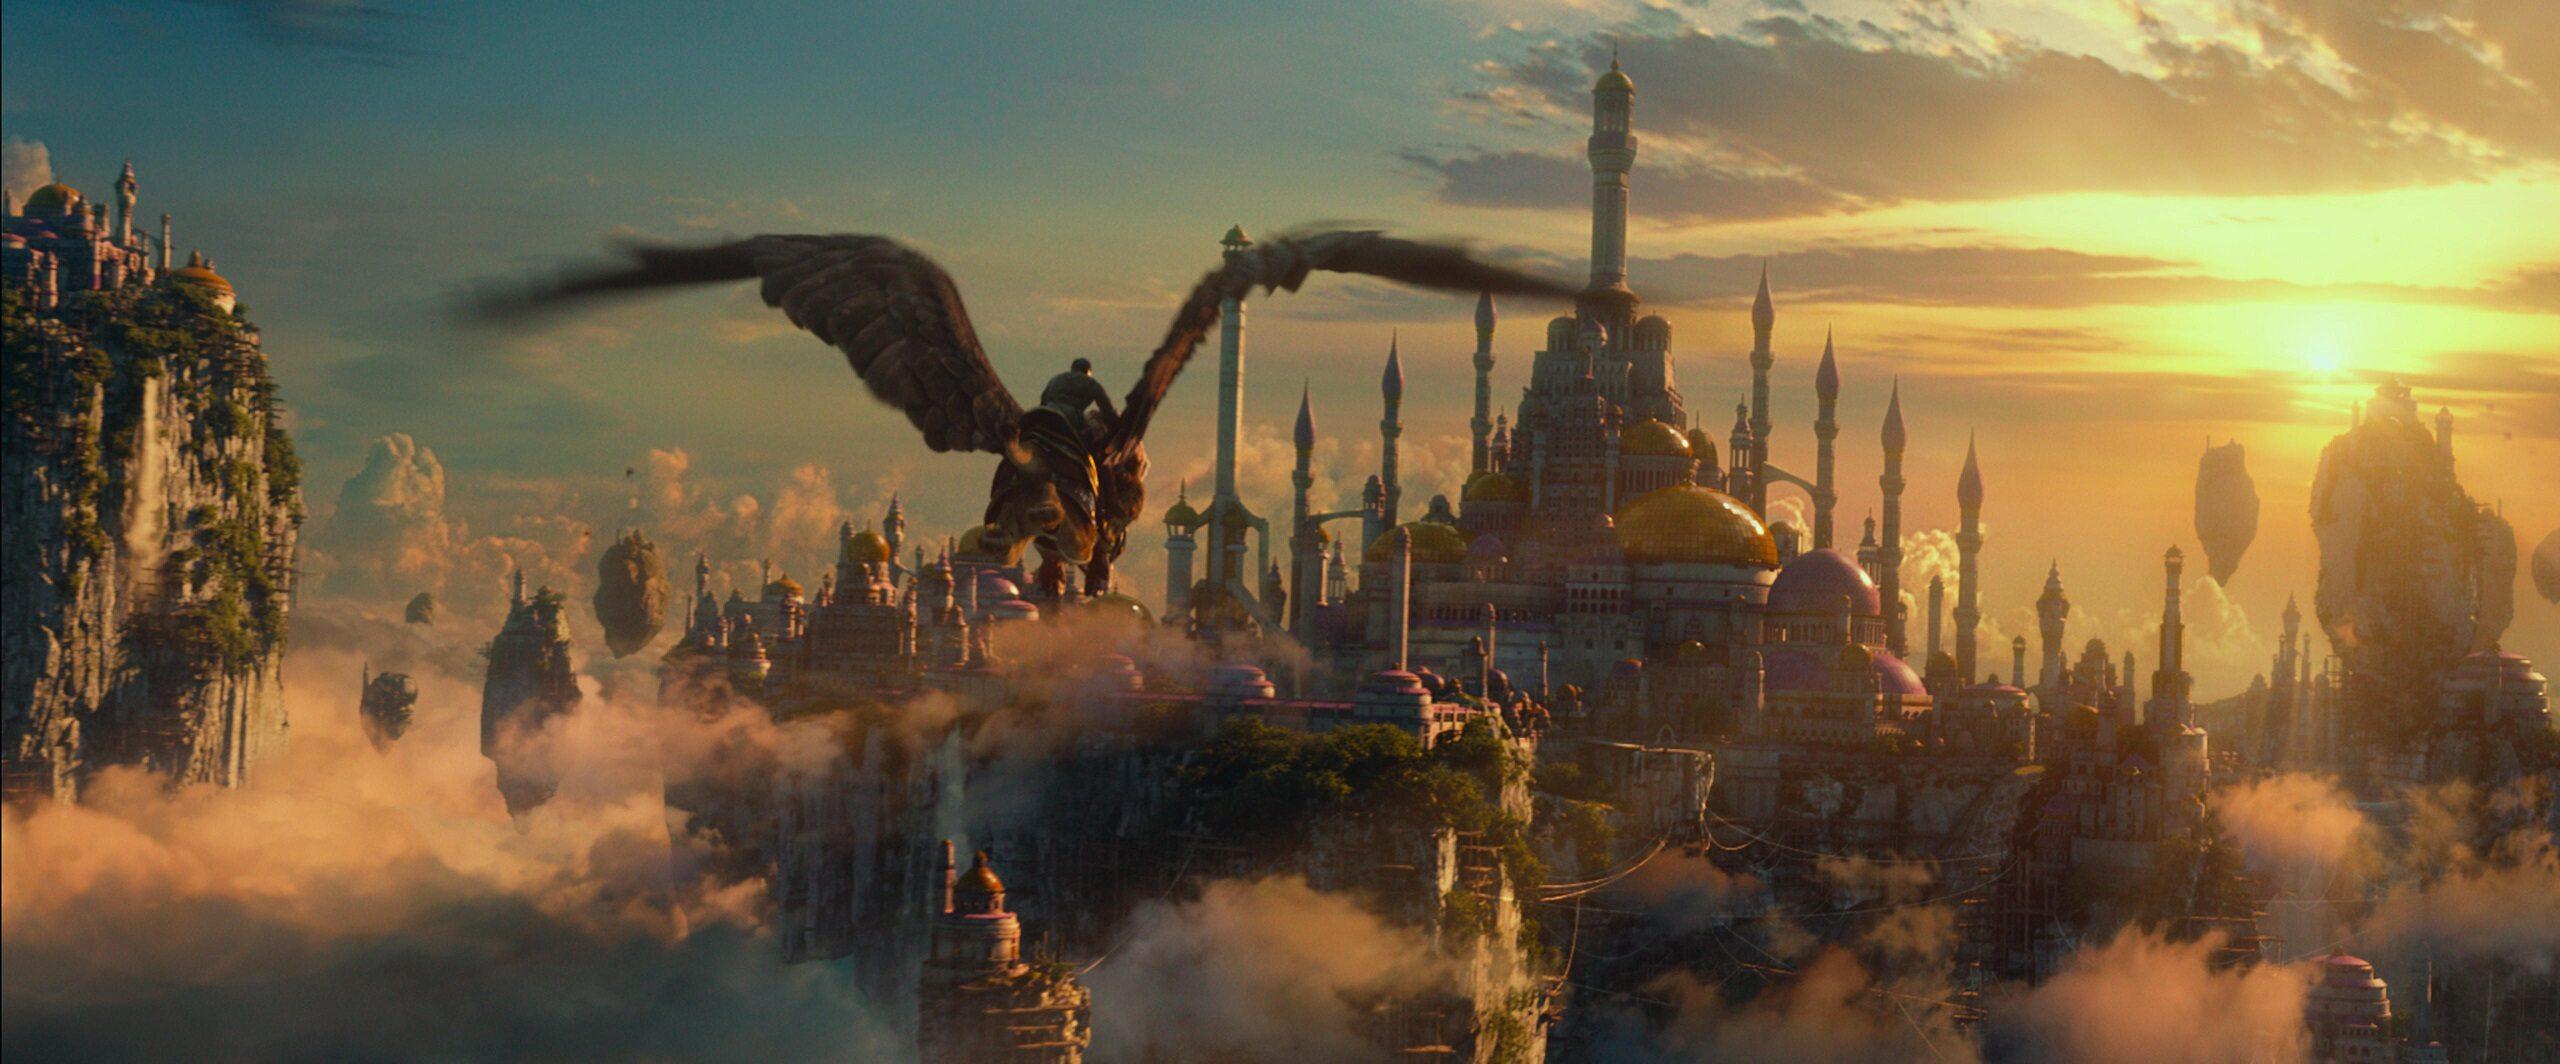 """kadr z filmu """"Warcraft: Początek"""" (2016)"""